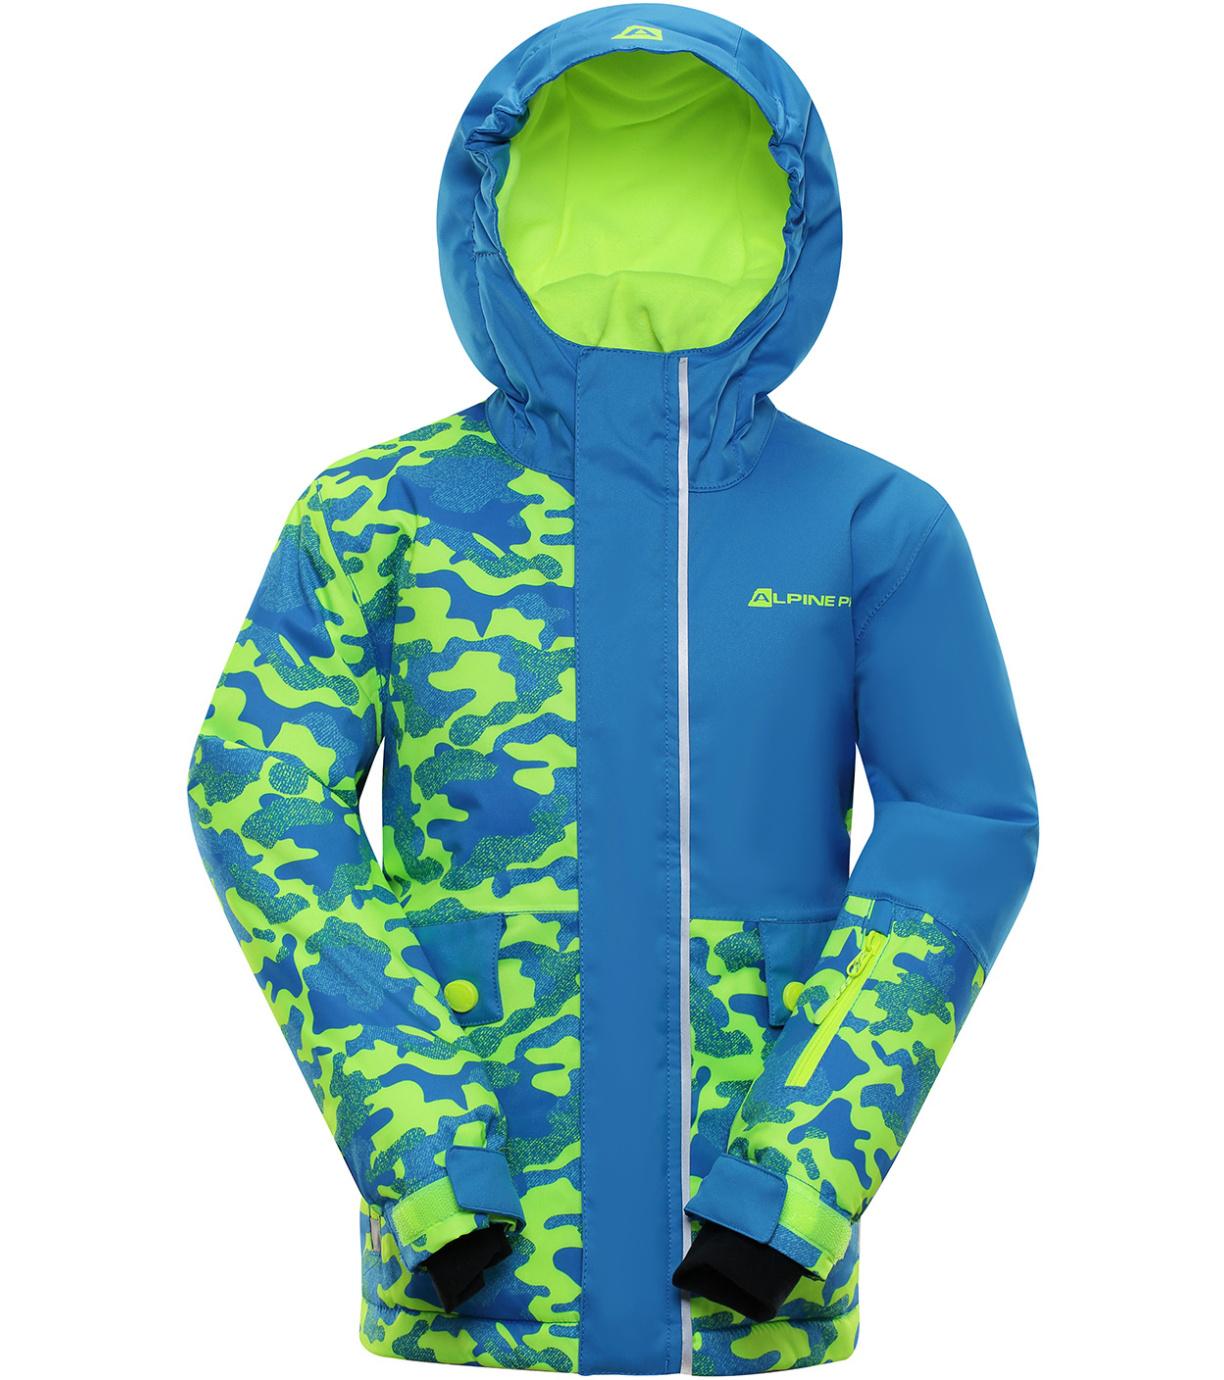 ALPINE PRO INTKO Dětská lyžařská bunda KJCP157674PB Blue aster 116-122